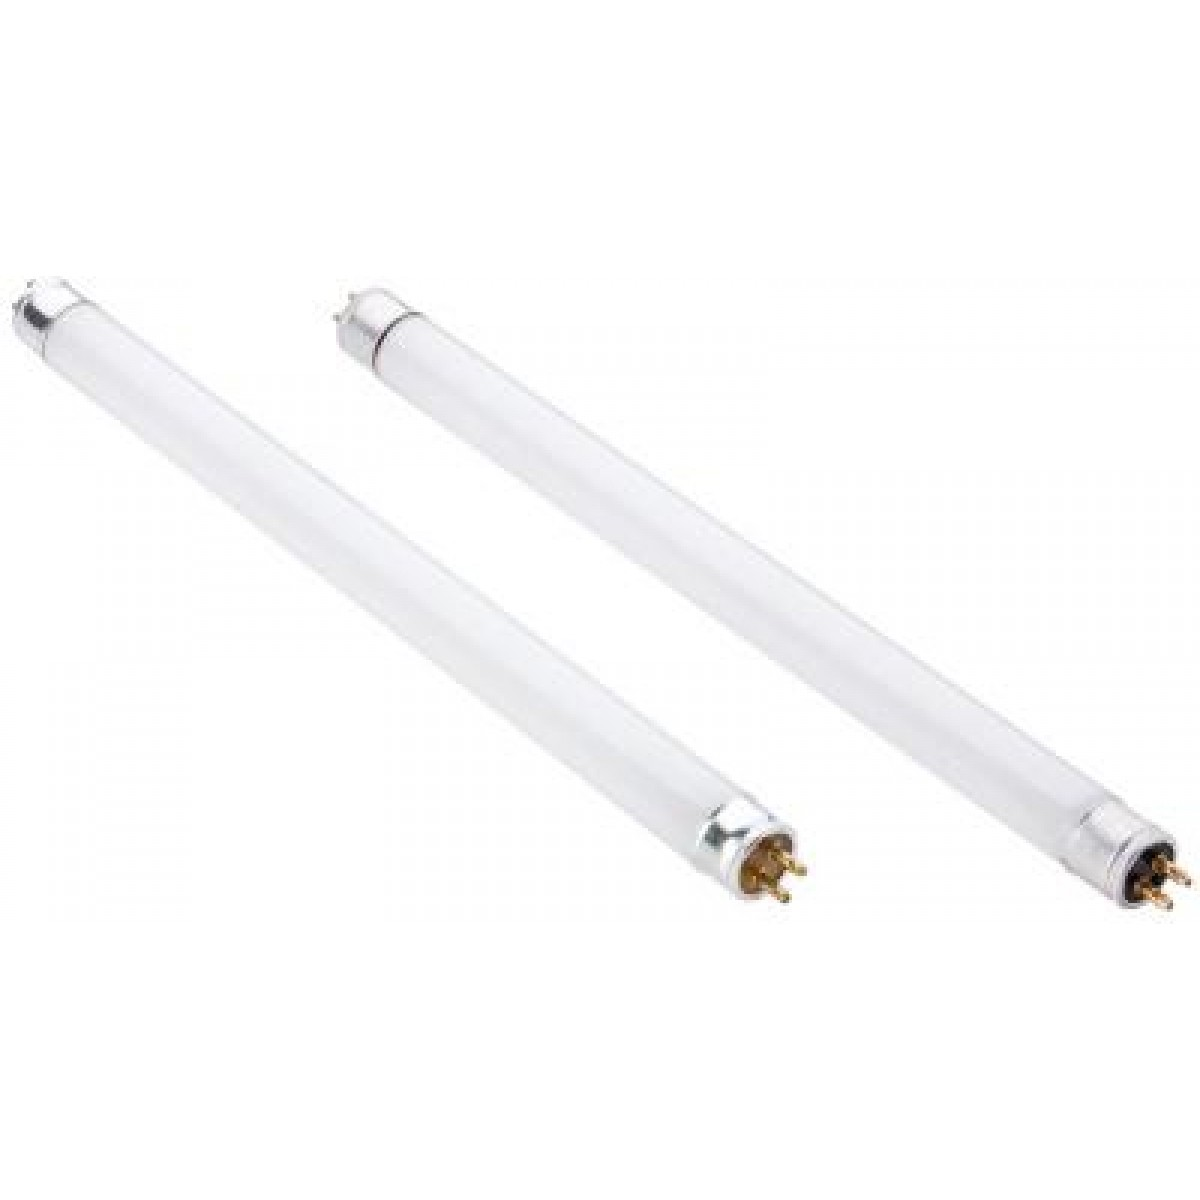 Foco repuesto lampara exter fly 15w y 8w - Lampara tubo fluorescente ...